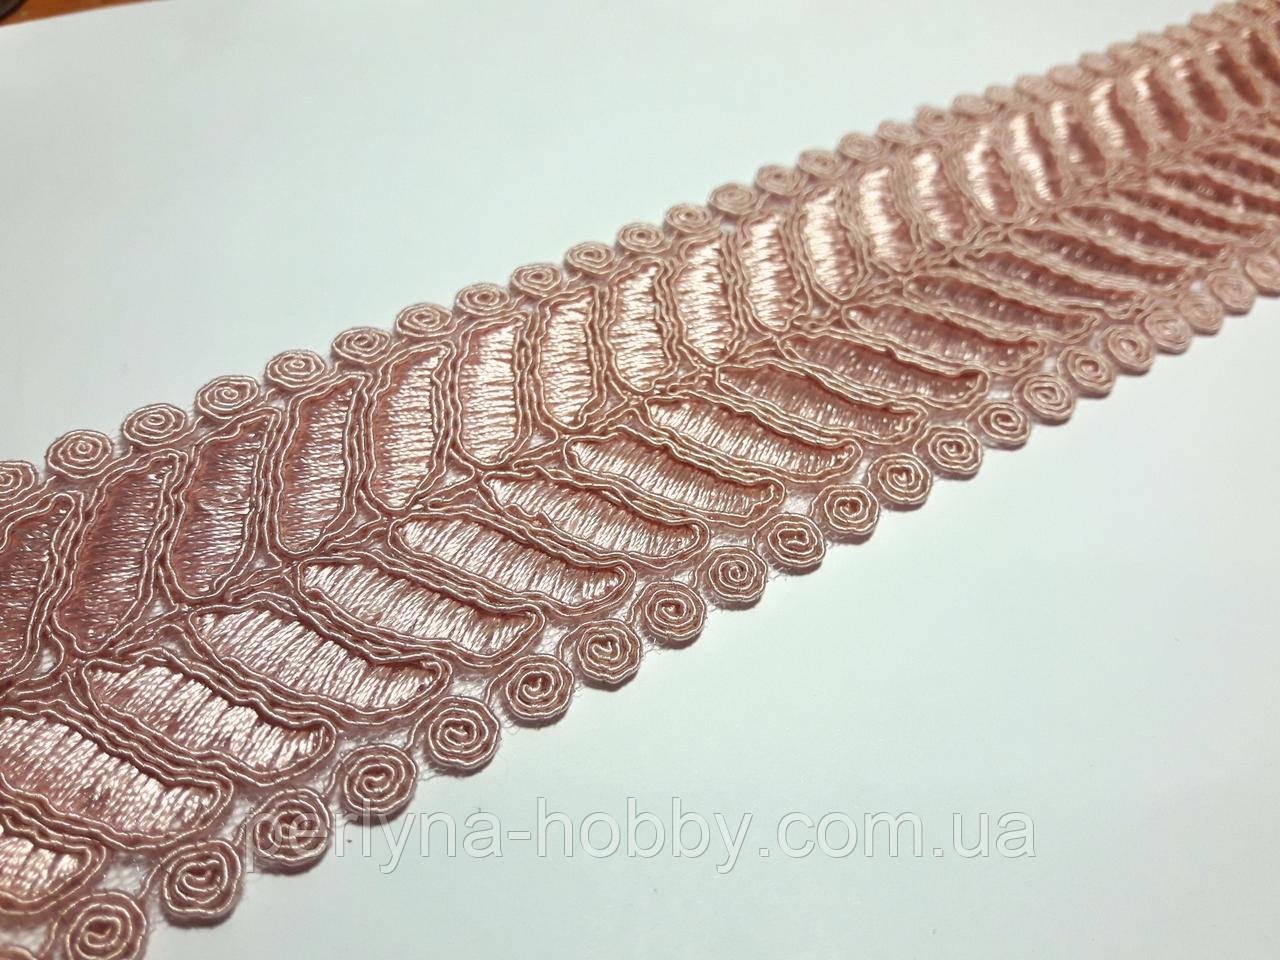 Мереживо вставка на сітці весільне 5 см. Рожево-бежеве. Ціна за 1 метр.